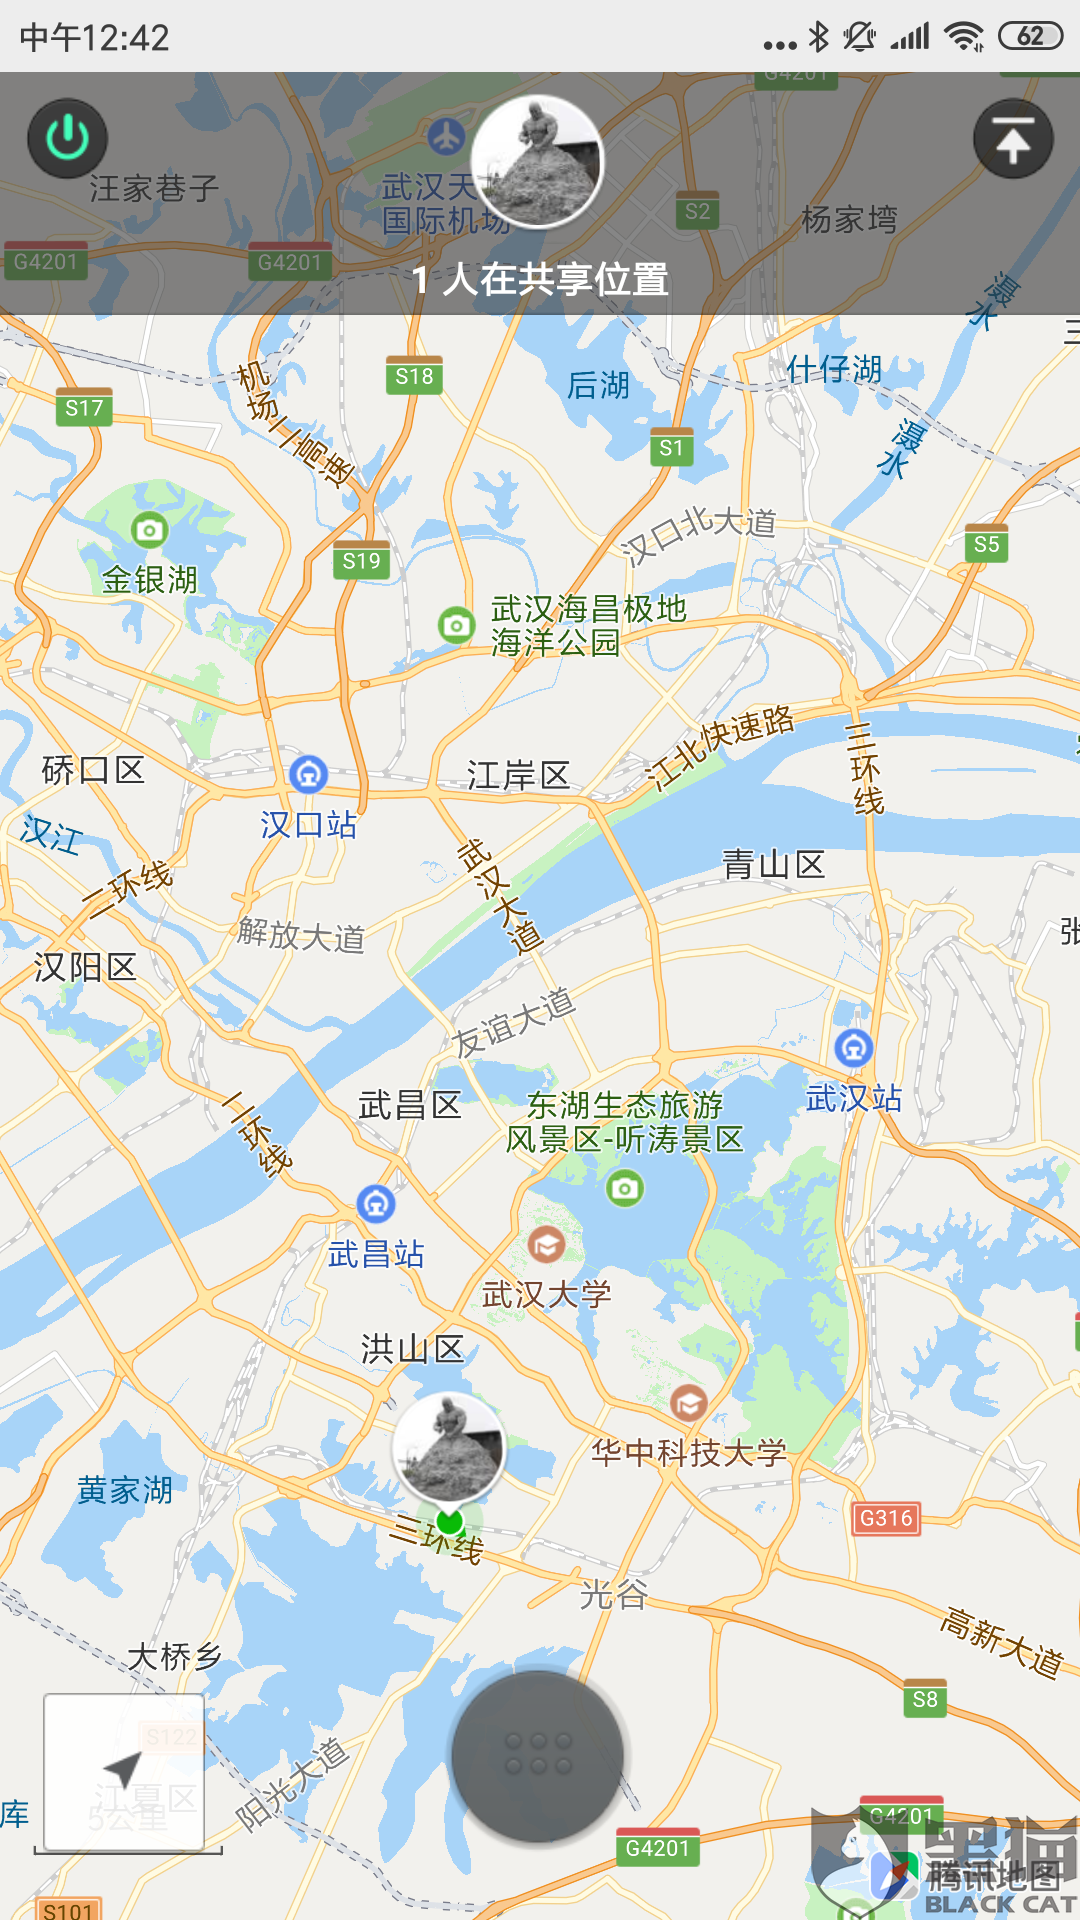 黑猫投诉:武汉疫情期间招联金融不给延期还款,还暴力催收